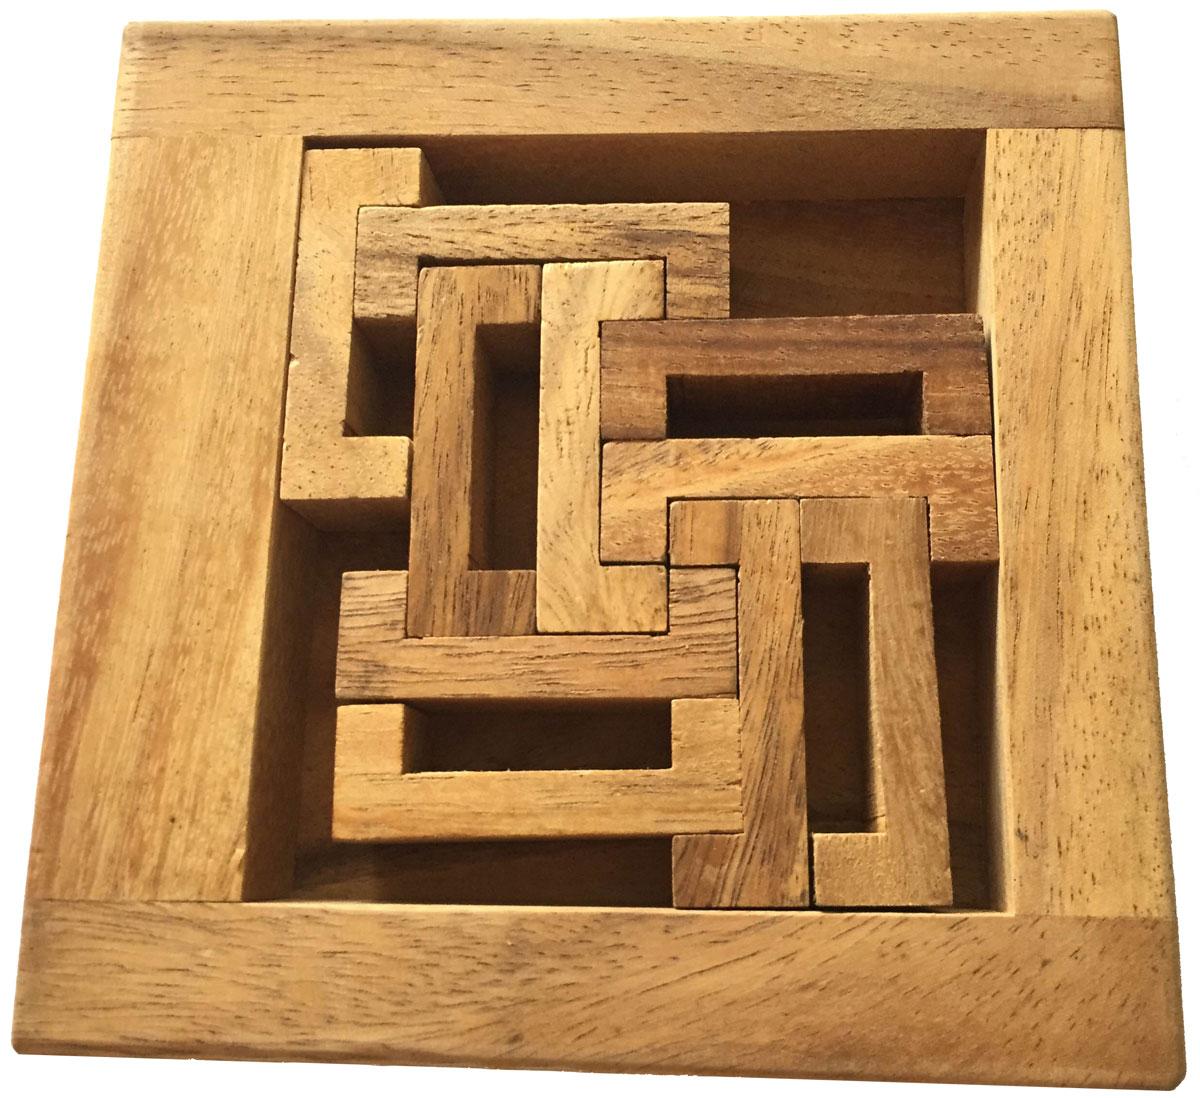 Dilemma Головоломка С BoxIQ346Головоломка Dilemma С-Box, выполненная из дерева, станет отличным подарком всем любителям головоломок! Головоломка для одного игрока. Существует два способа игры в этот пазл. Способ 1: Для решения головоломки вы должны попытаться сложить все деревянные блоки в форме букв С в рамку, это несложно. Но не расслабляйтесь. Сейчас будет сложнее. Способ 2: Попытайтесь сложить все элементы внутрь рамки, объединив их в пять пар. Каждая пара должна состоять из двух С-блоков, установленных под прямым углом друг к другу. Головоломка Dilemma С-Box стимулирует логику, пространственное мышление и мелкую моторику рук.